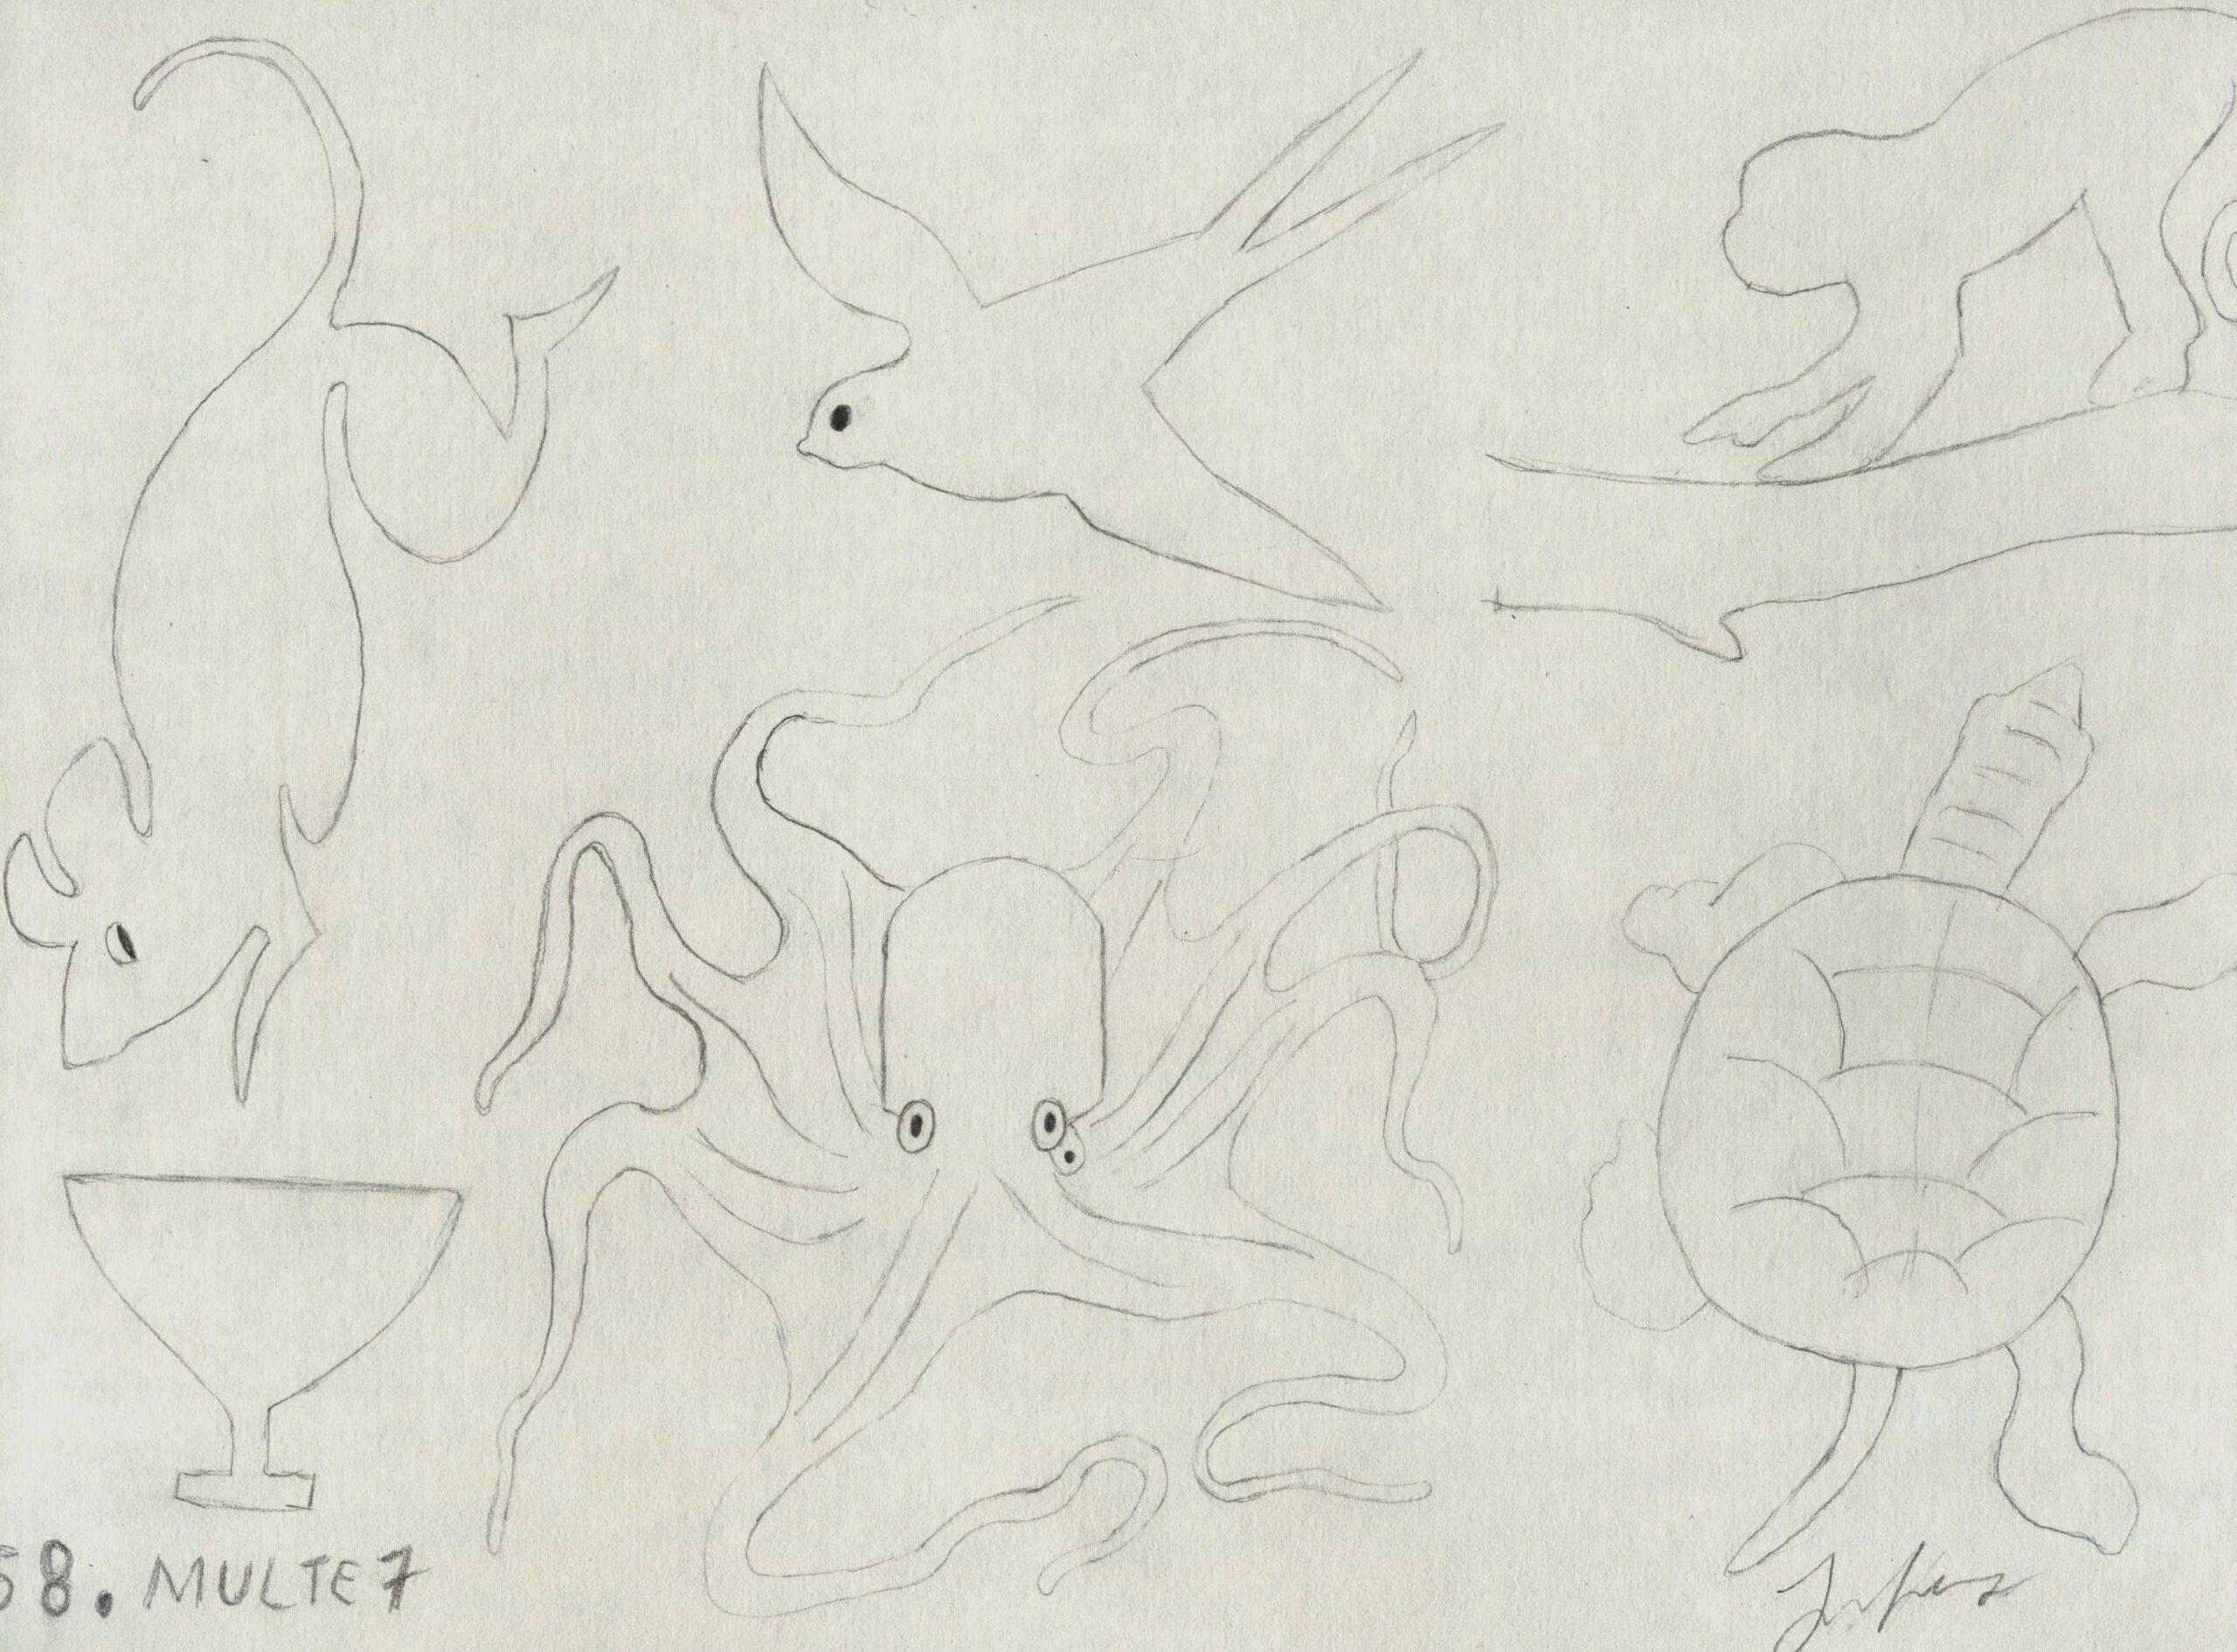 Desene cu animale, caracatita, soarece, testoasa